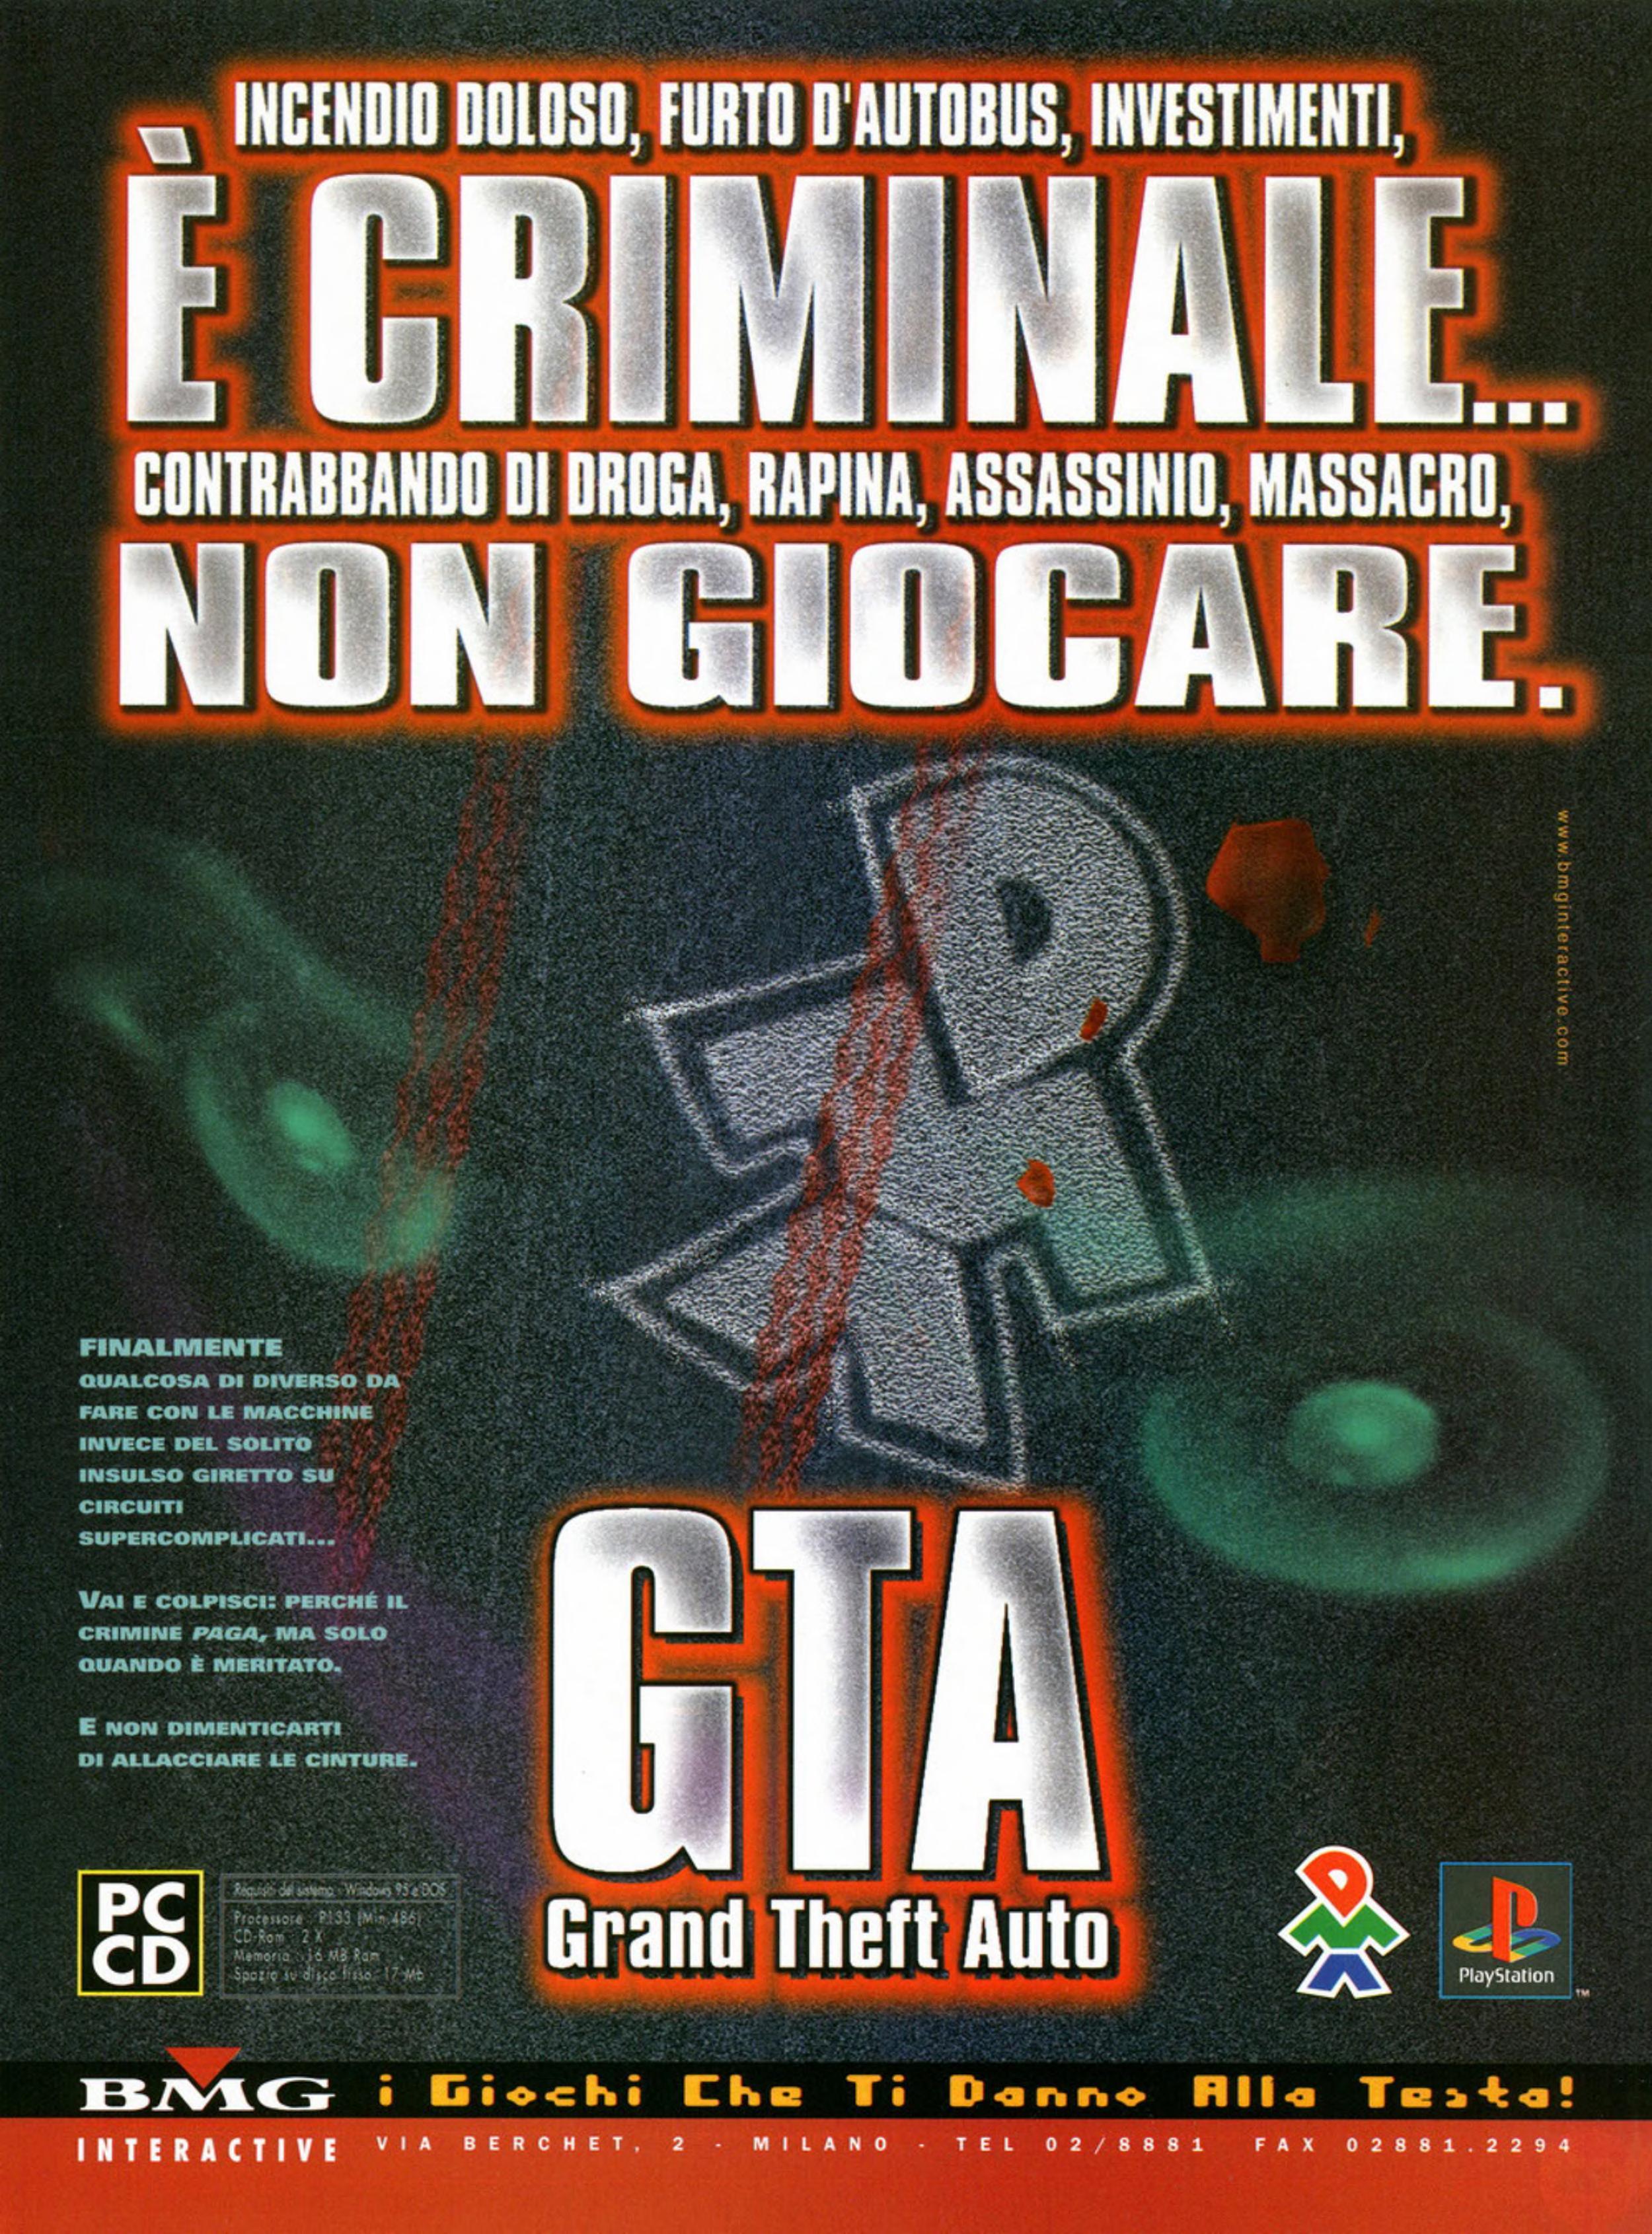 gta-pcgameparade57_0046.jpg